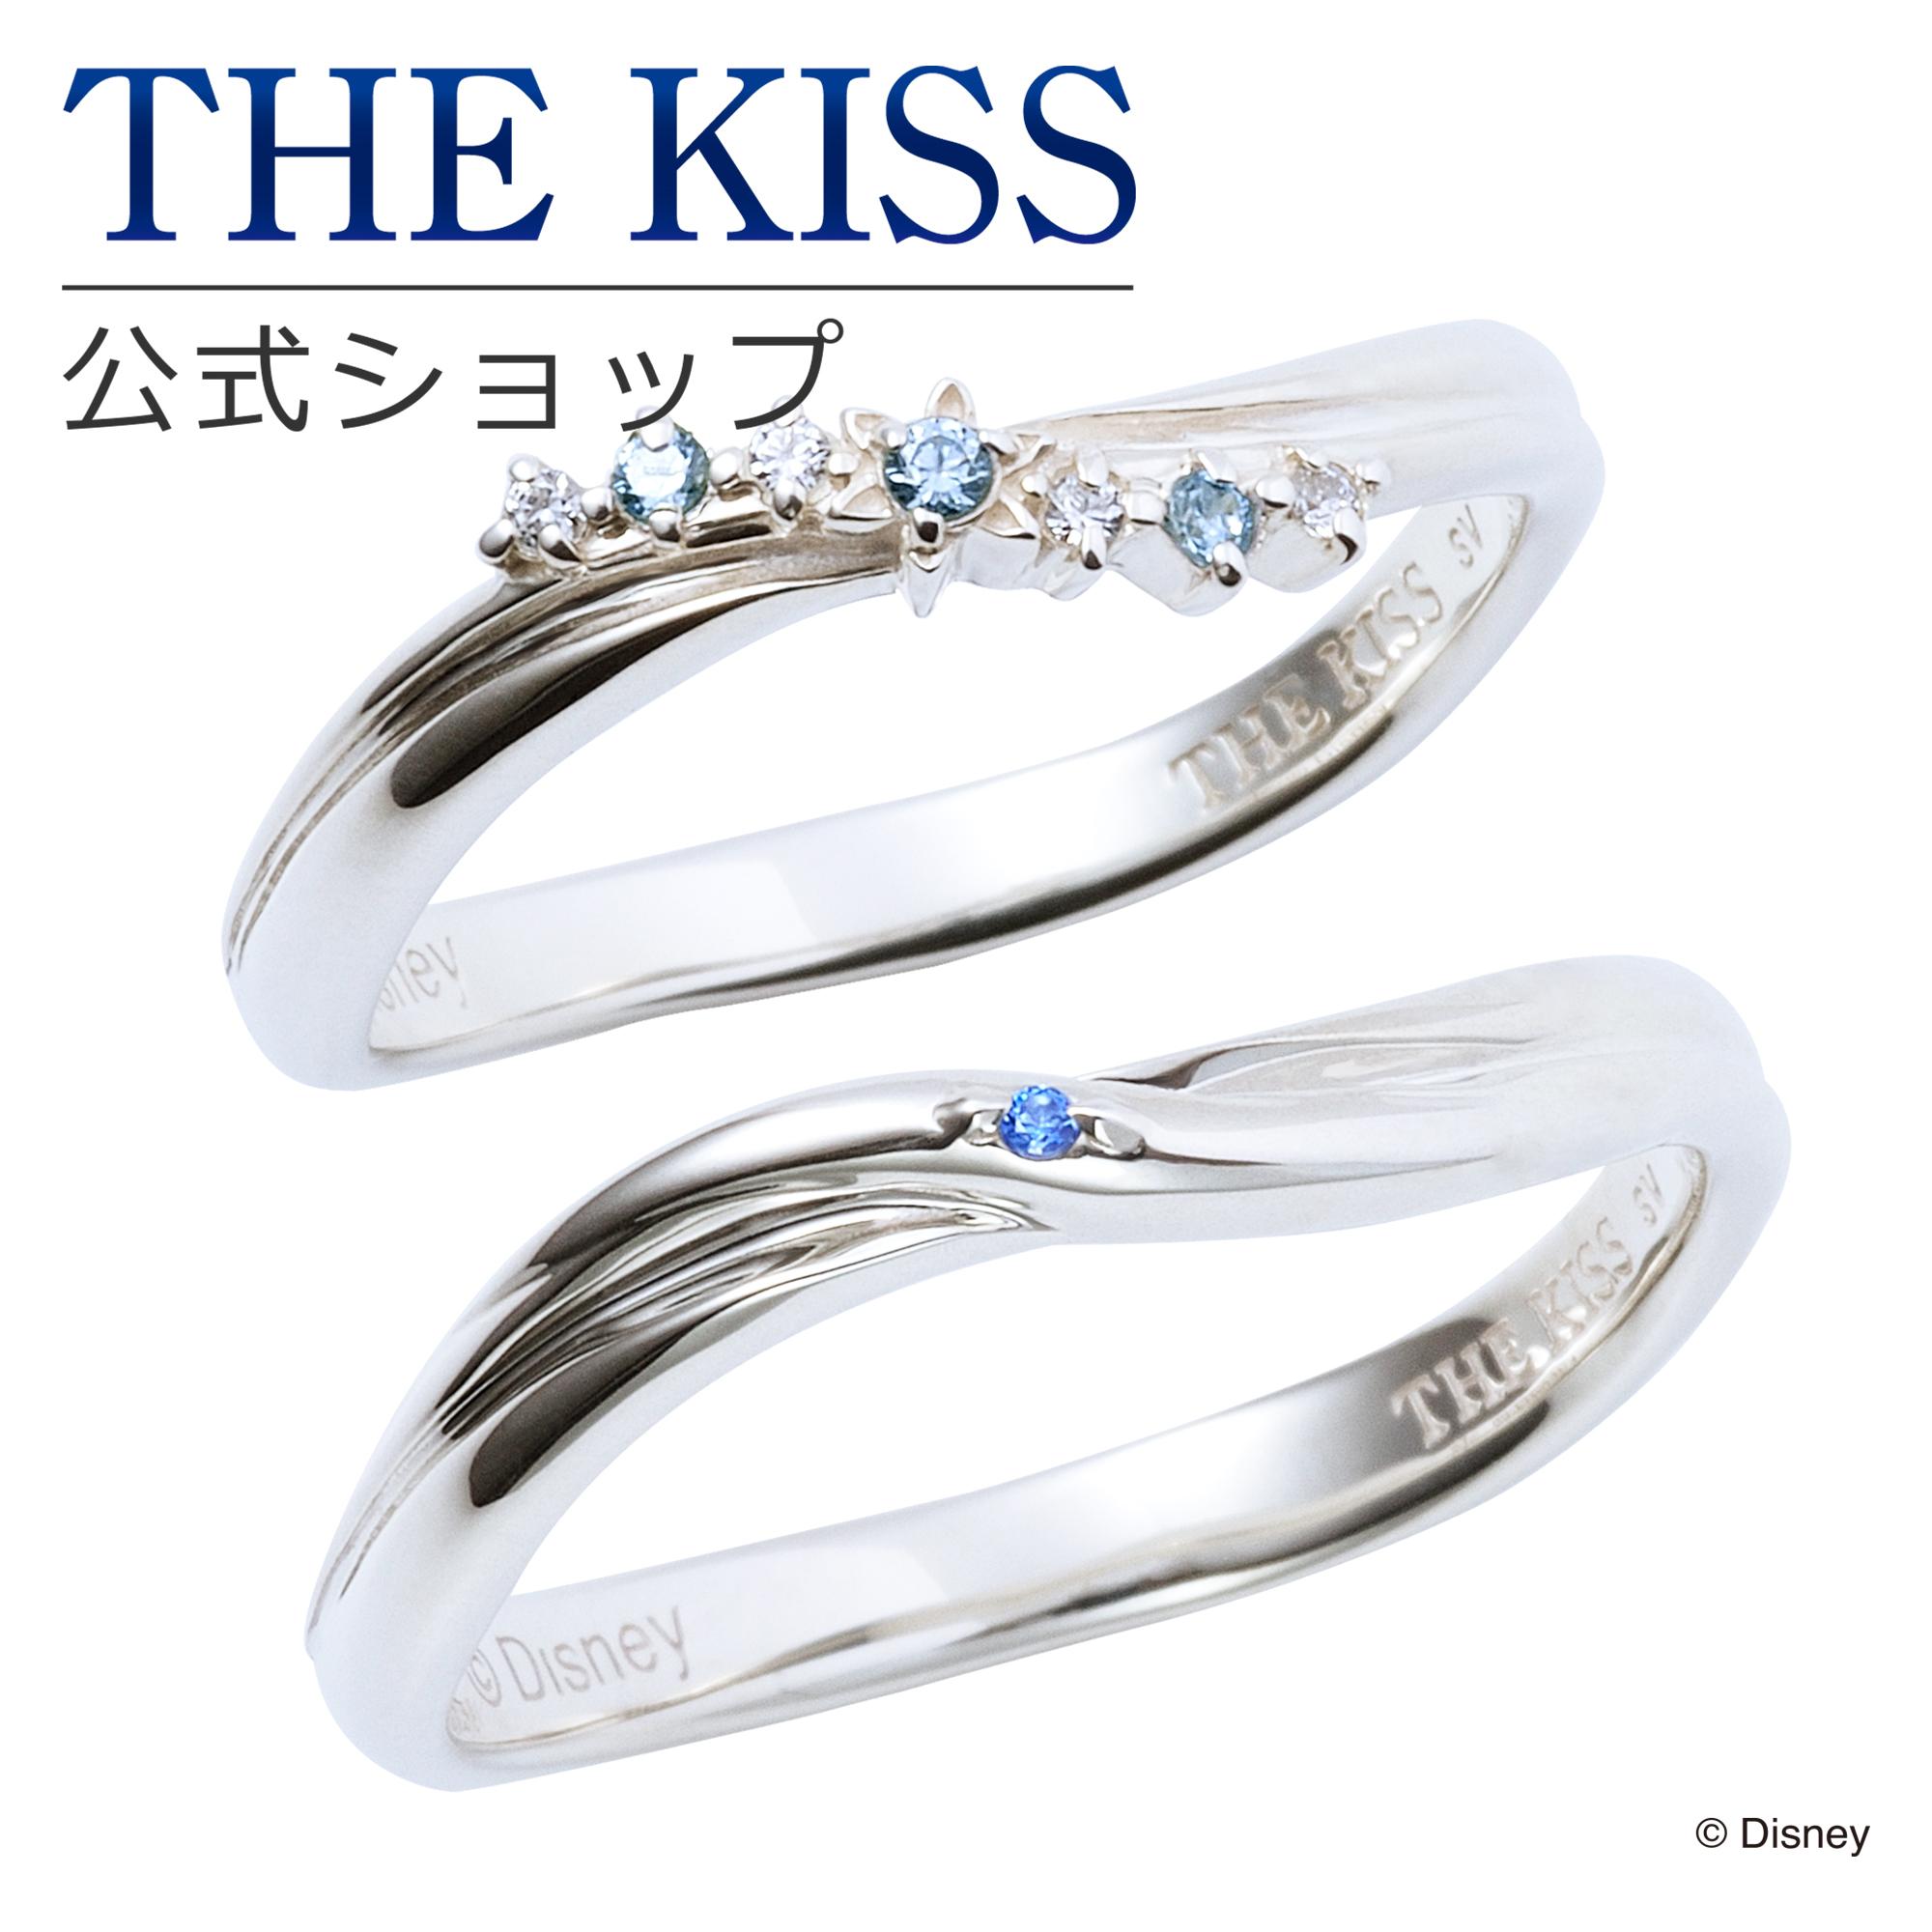 【あす楽対応】【ディズニーコレクション】 ディズニー / ペアリング / アナと雪の女王 / THE KISS リング・指輪 シルバー ブルーダイヤモンド DI-SR2412CB-2413CB セット シンプル ザキス 【送料無料】